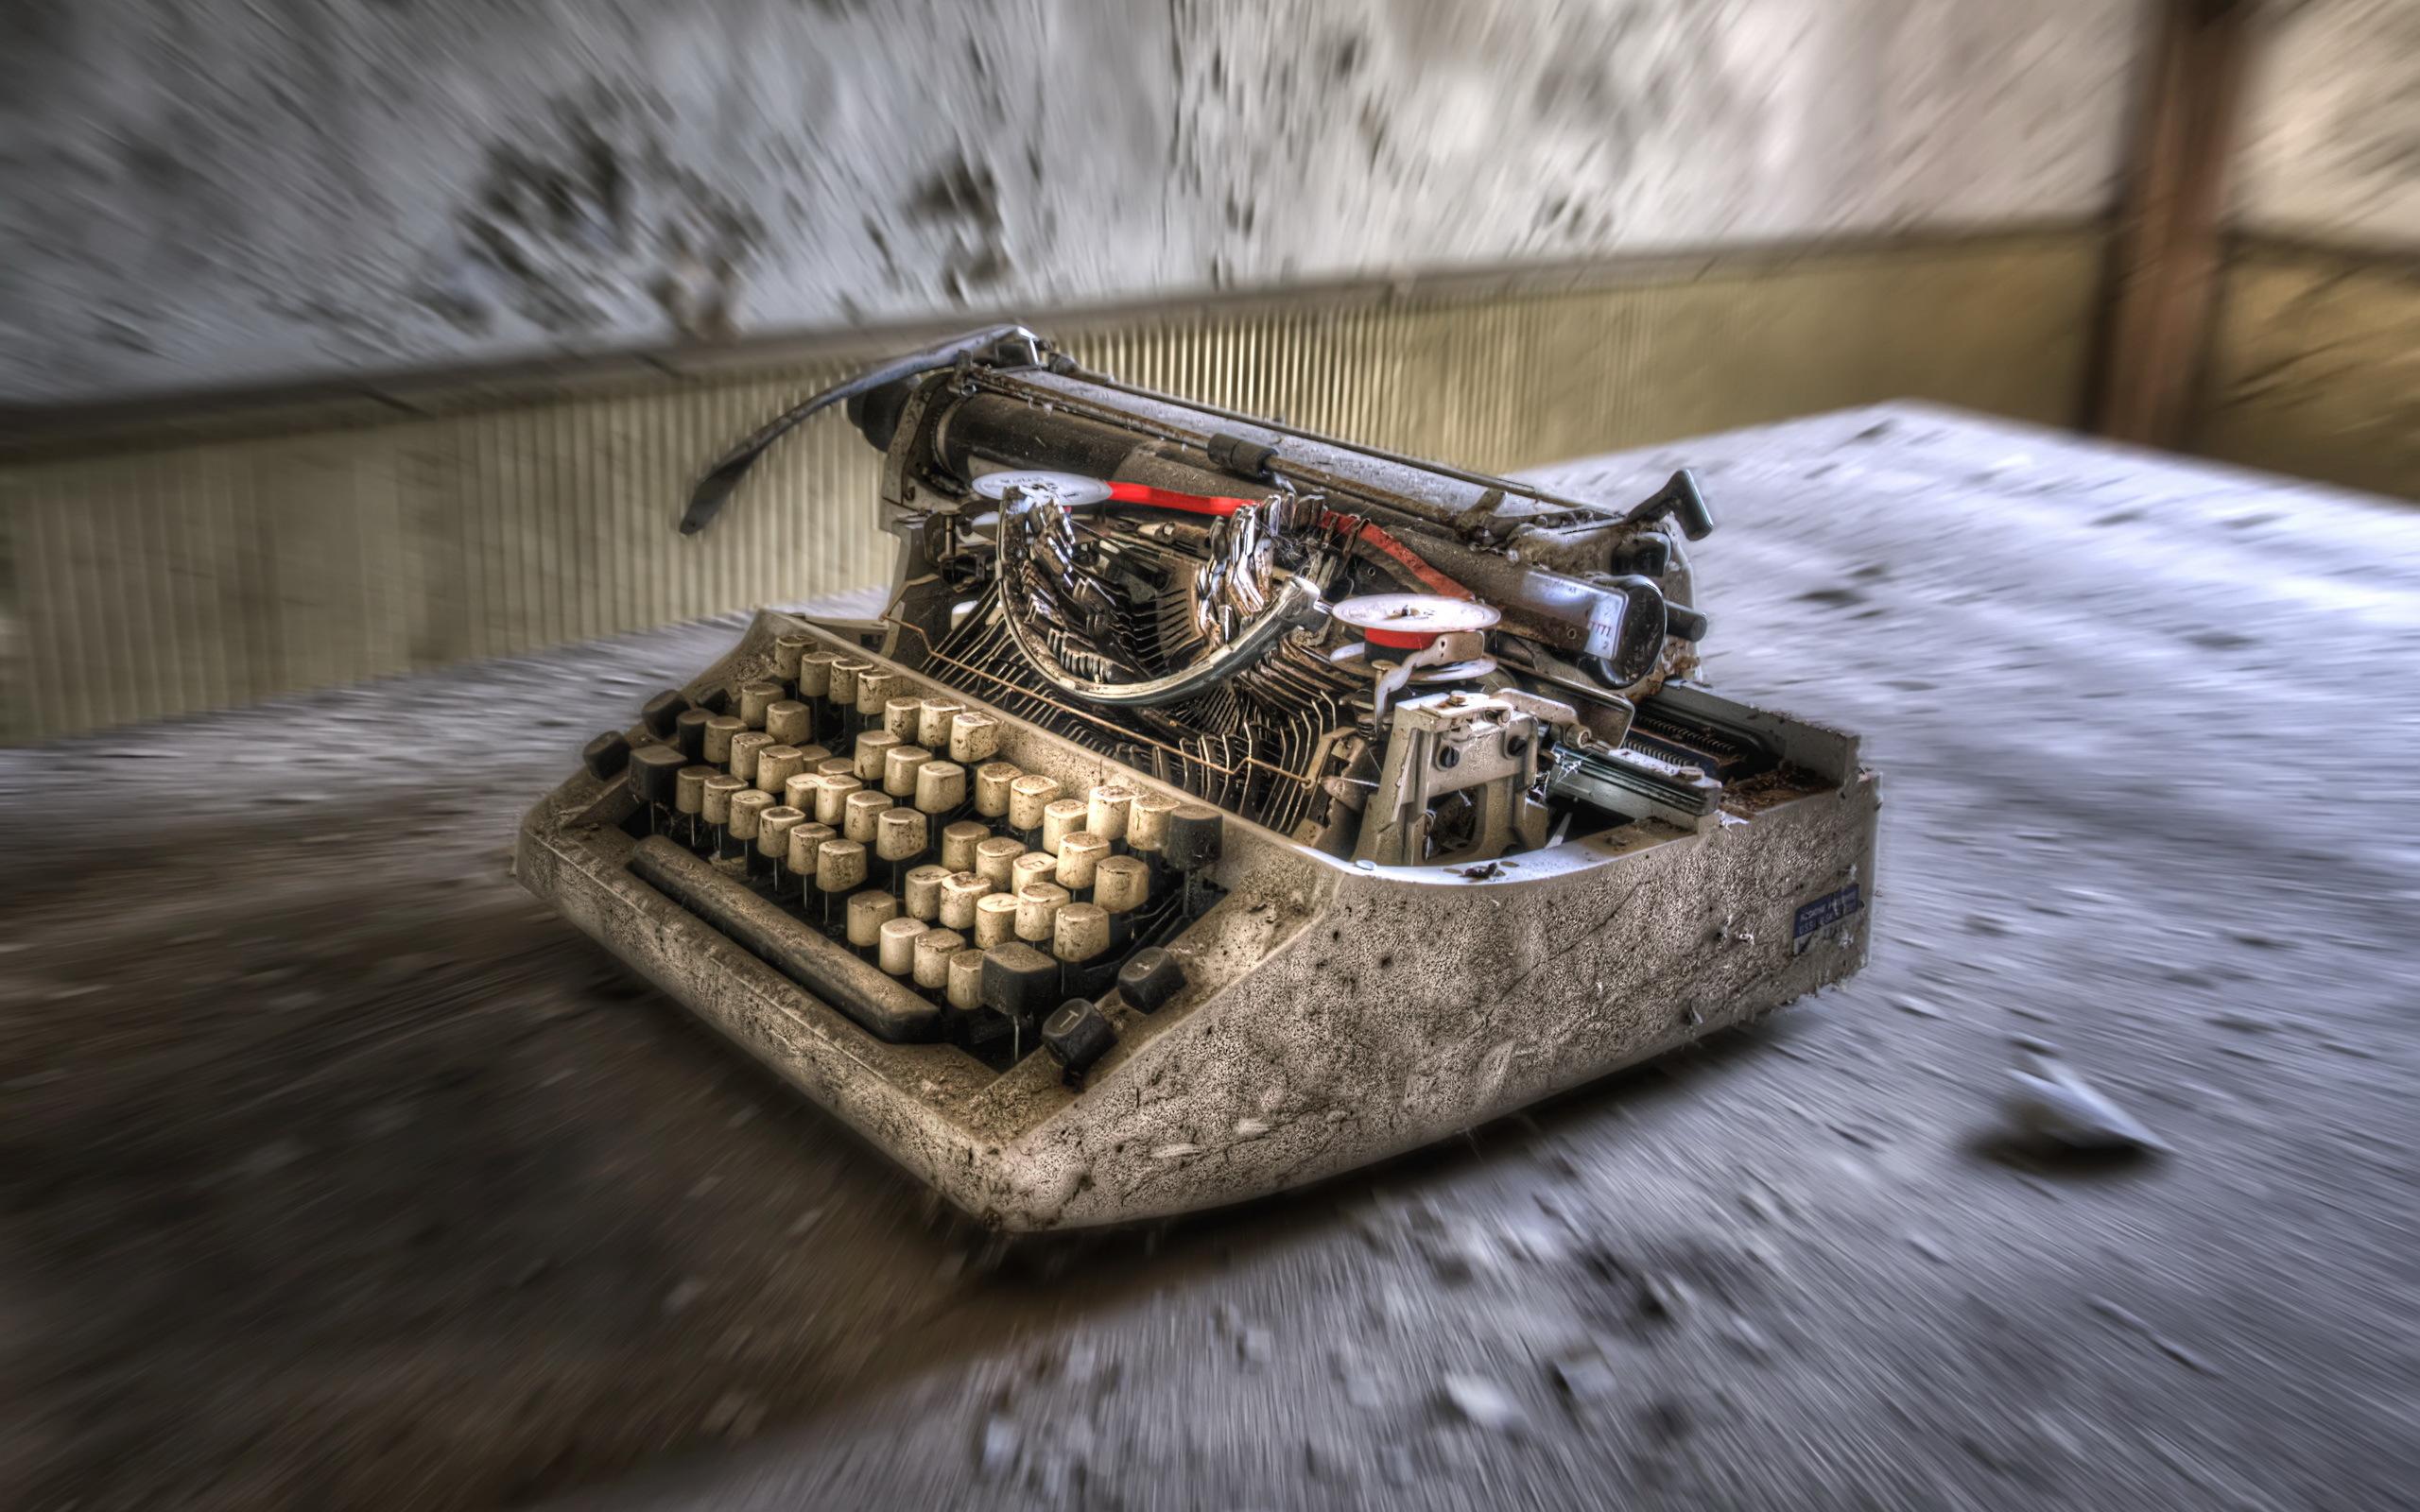 обои для рабочего стола печатная машинка № 1409183 бесплатно